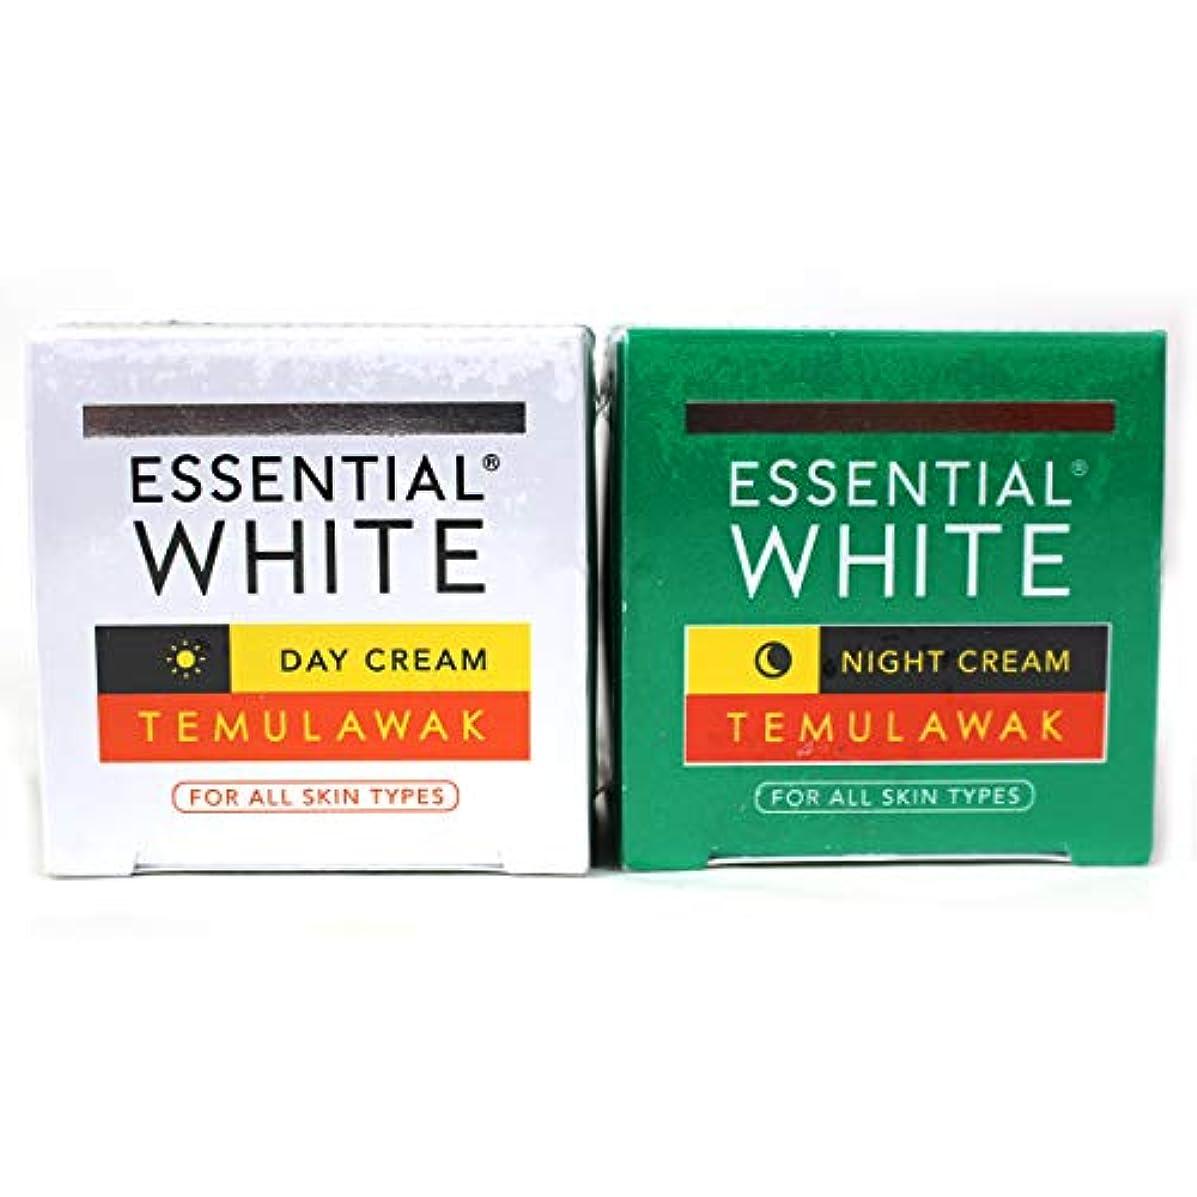 参照アルファベット順アッパーギジ gizi Essential White フェイスクリーム ボトルタイプ 日中用&ナイト用セット 9g ×2個 テムラワク ウコン など天然成分配合 [海外直送品]